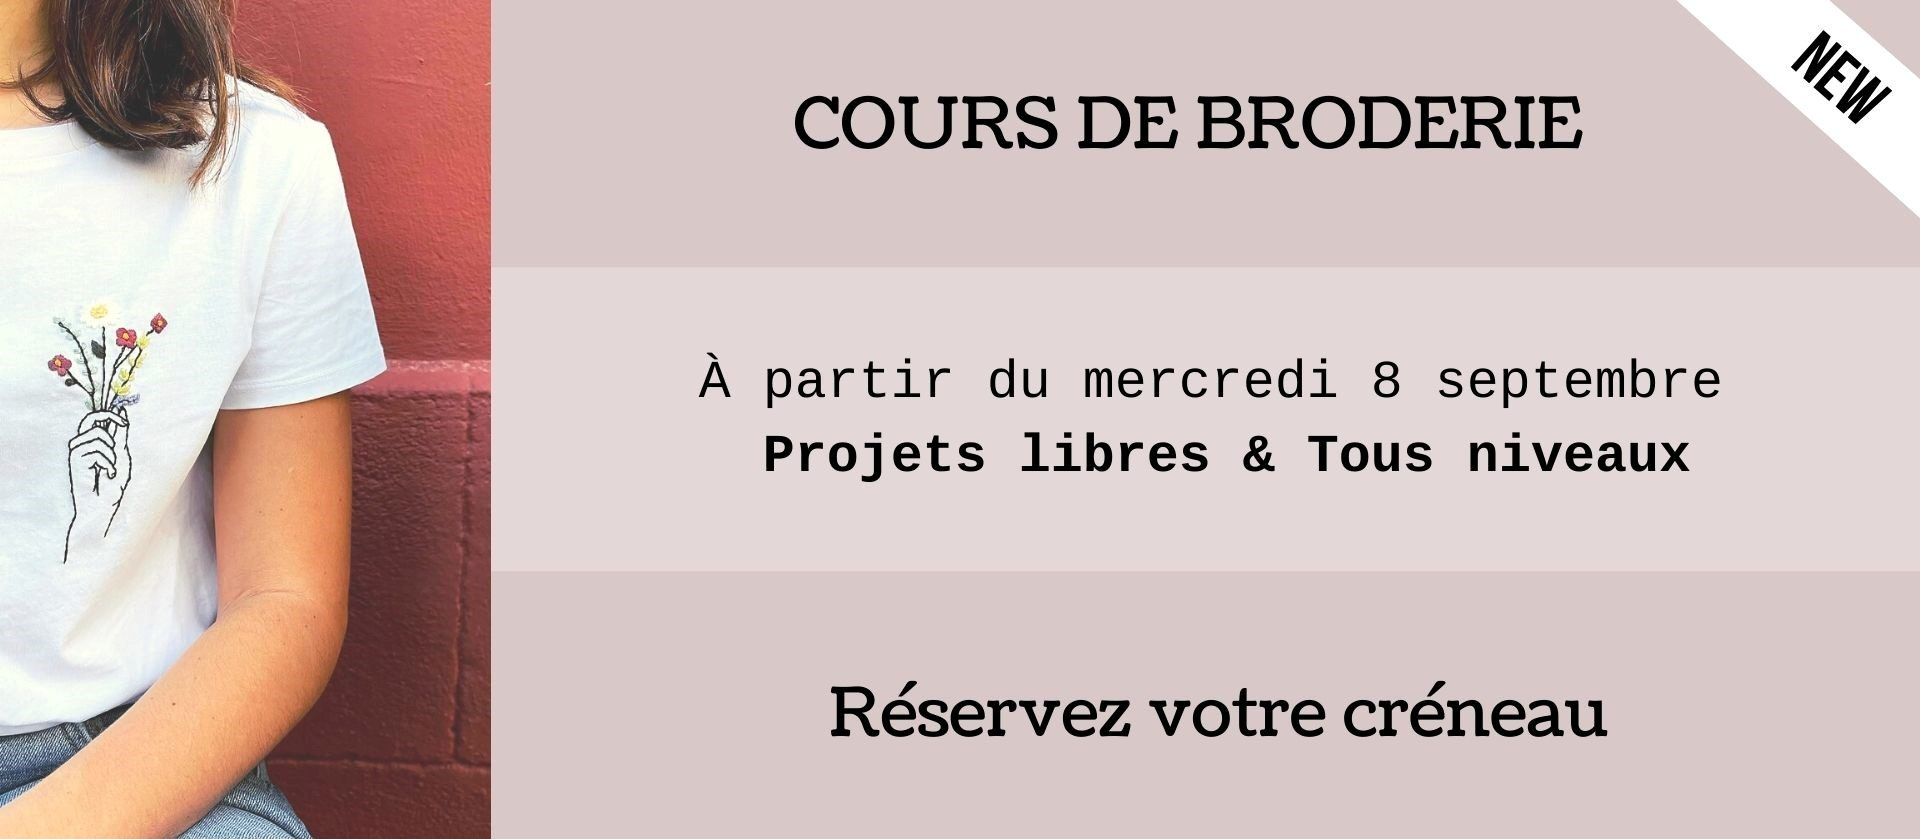 COURS DE BRODERIE